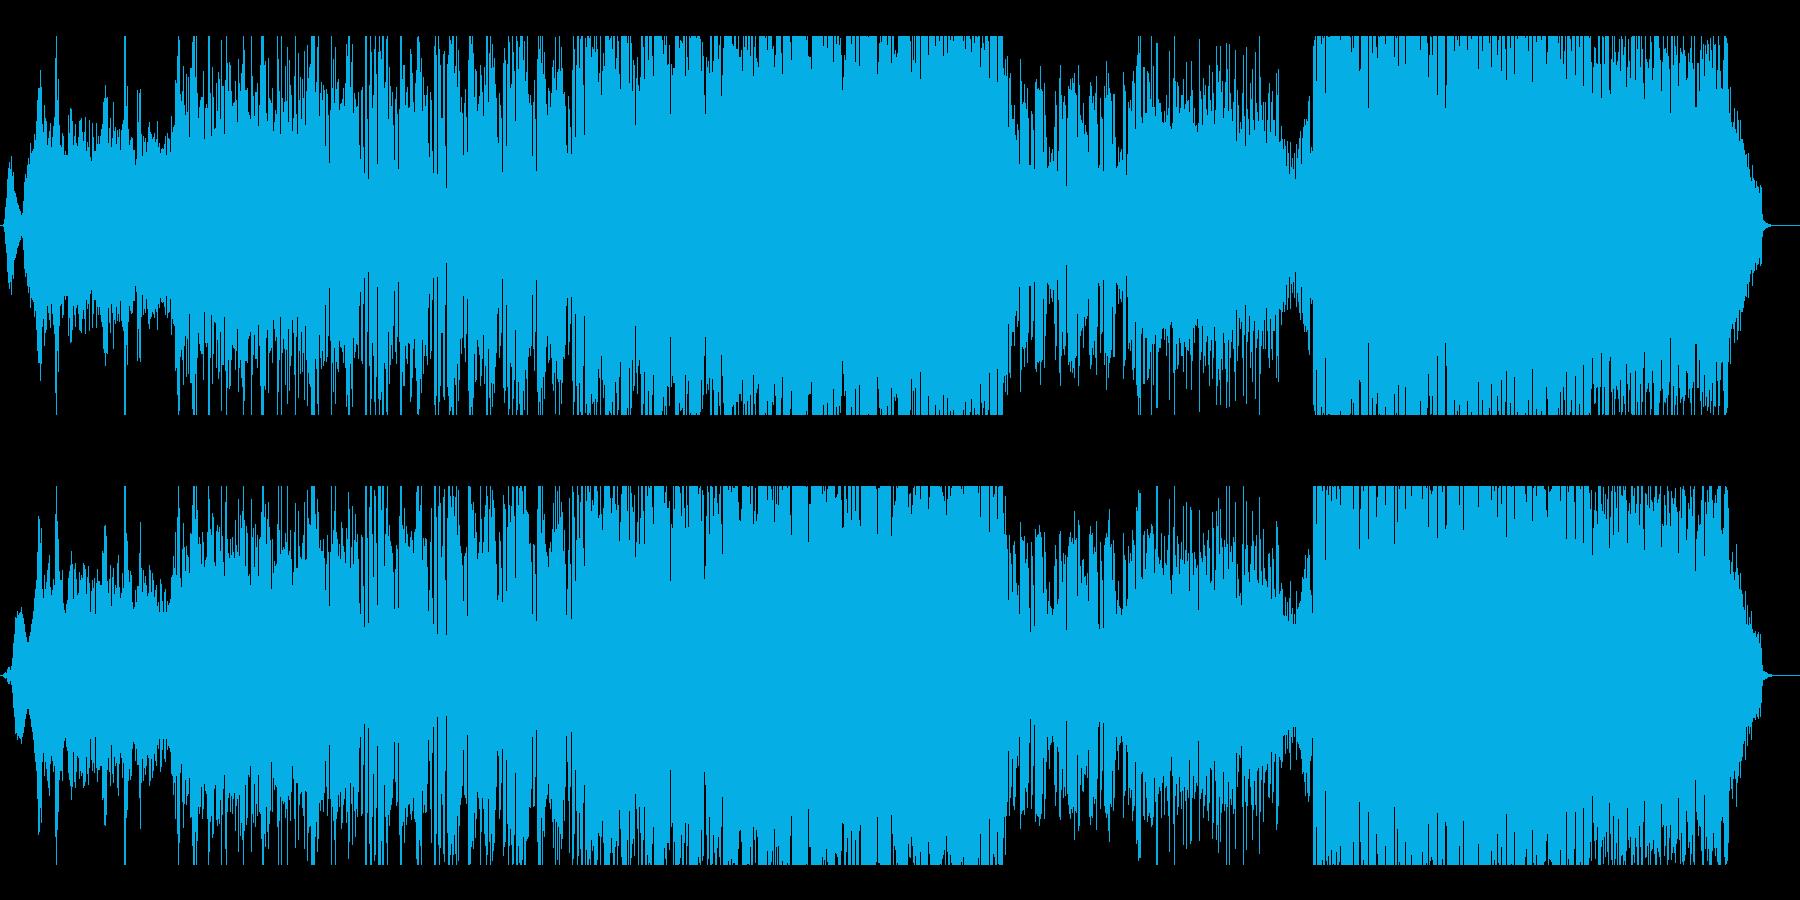 ピアノの旋律が印象的で少しダークなEDMの再生済みの波形